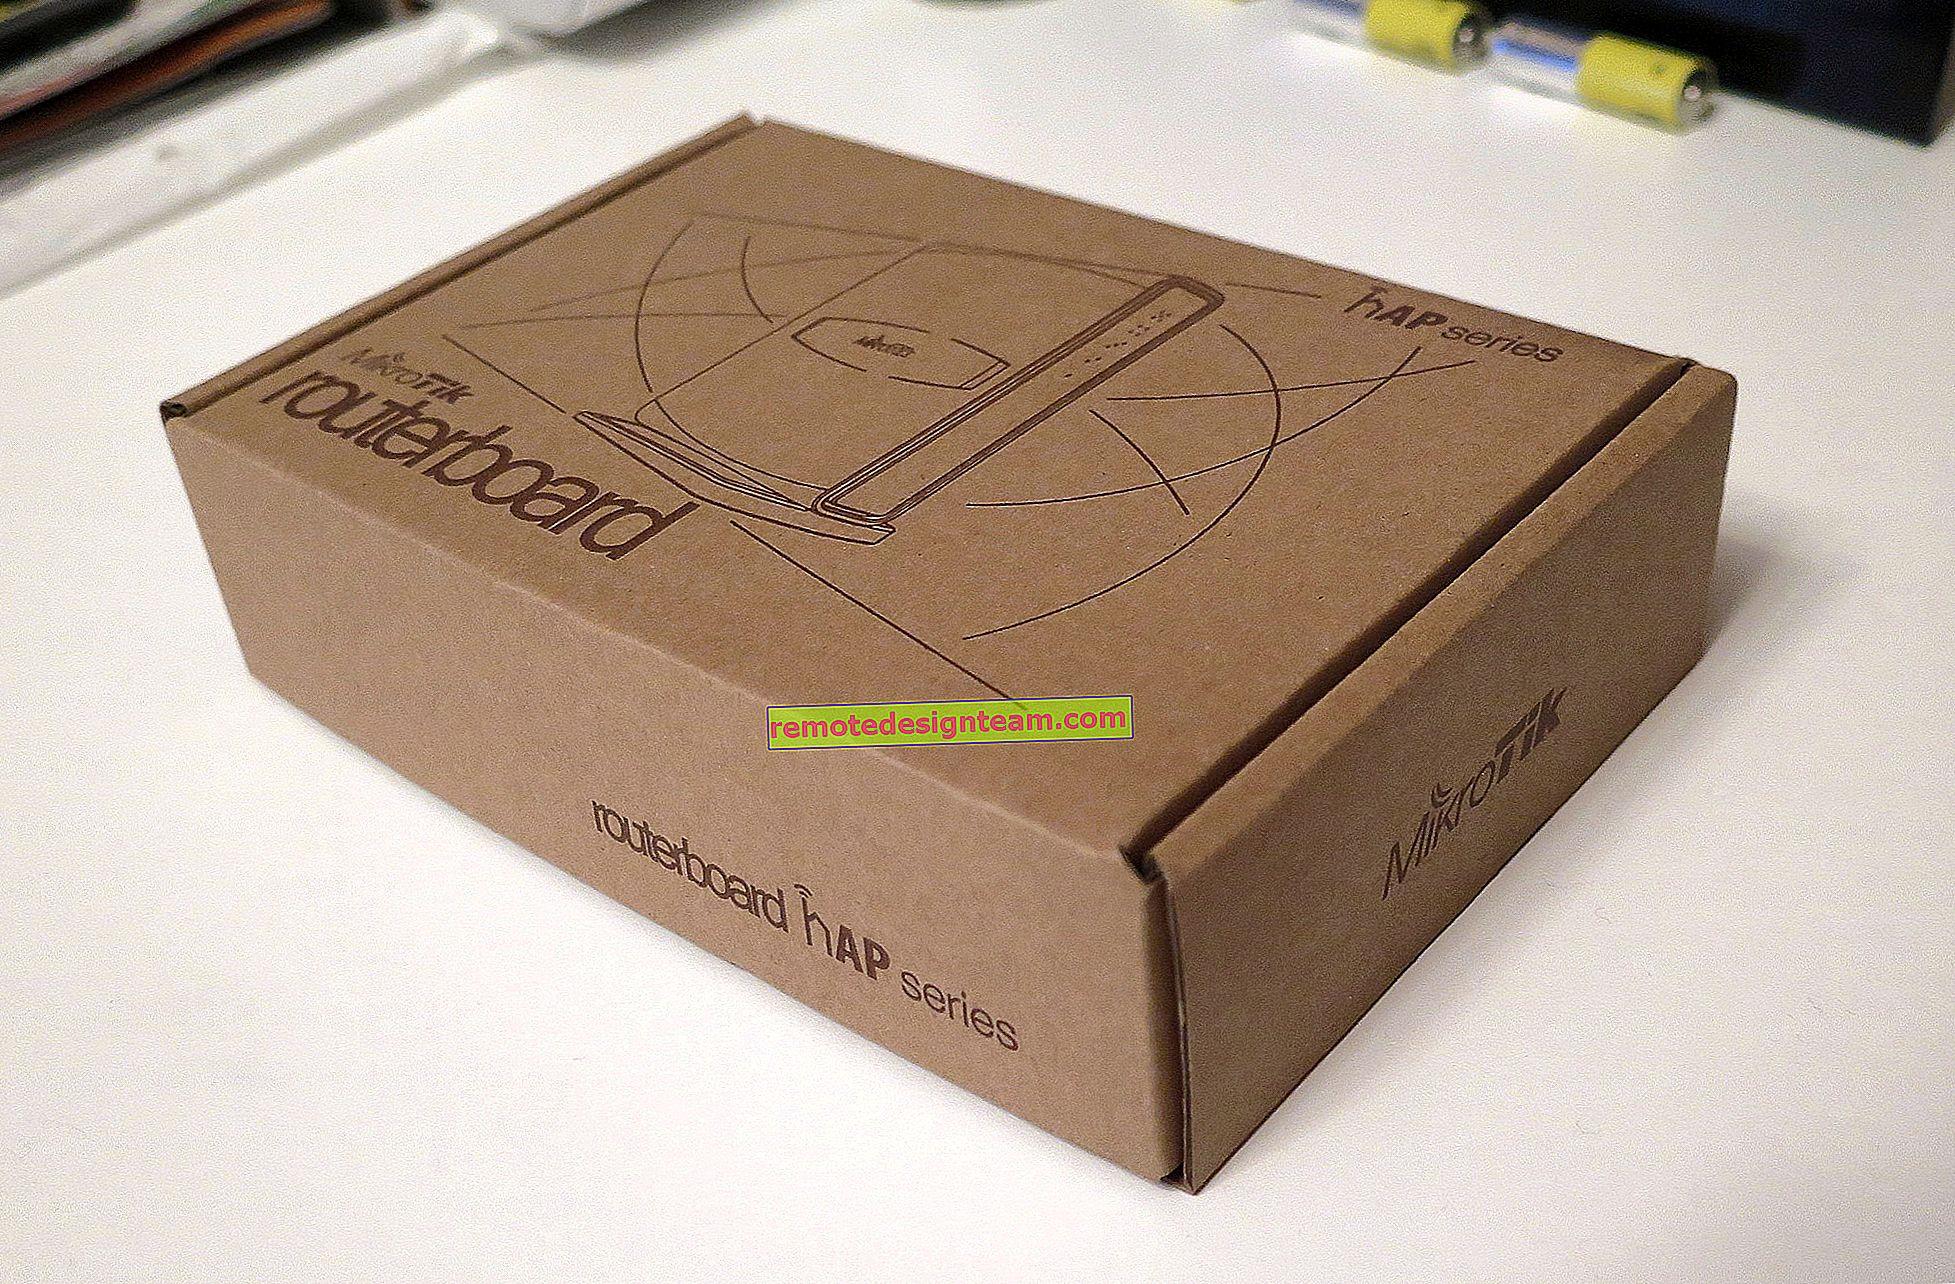 Konfigurasi router MikroTik hAP Lite TC